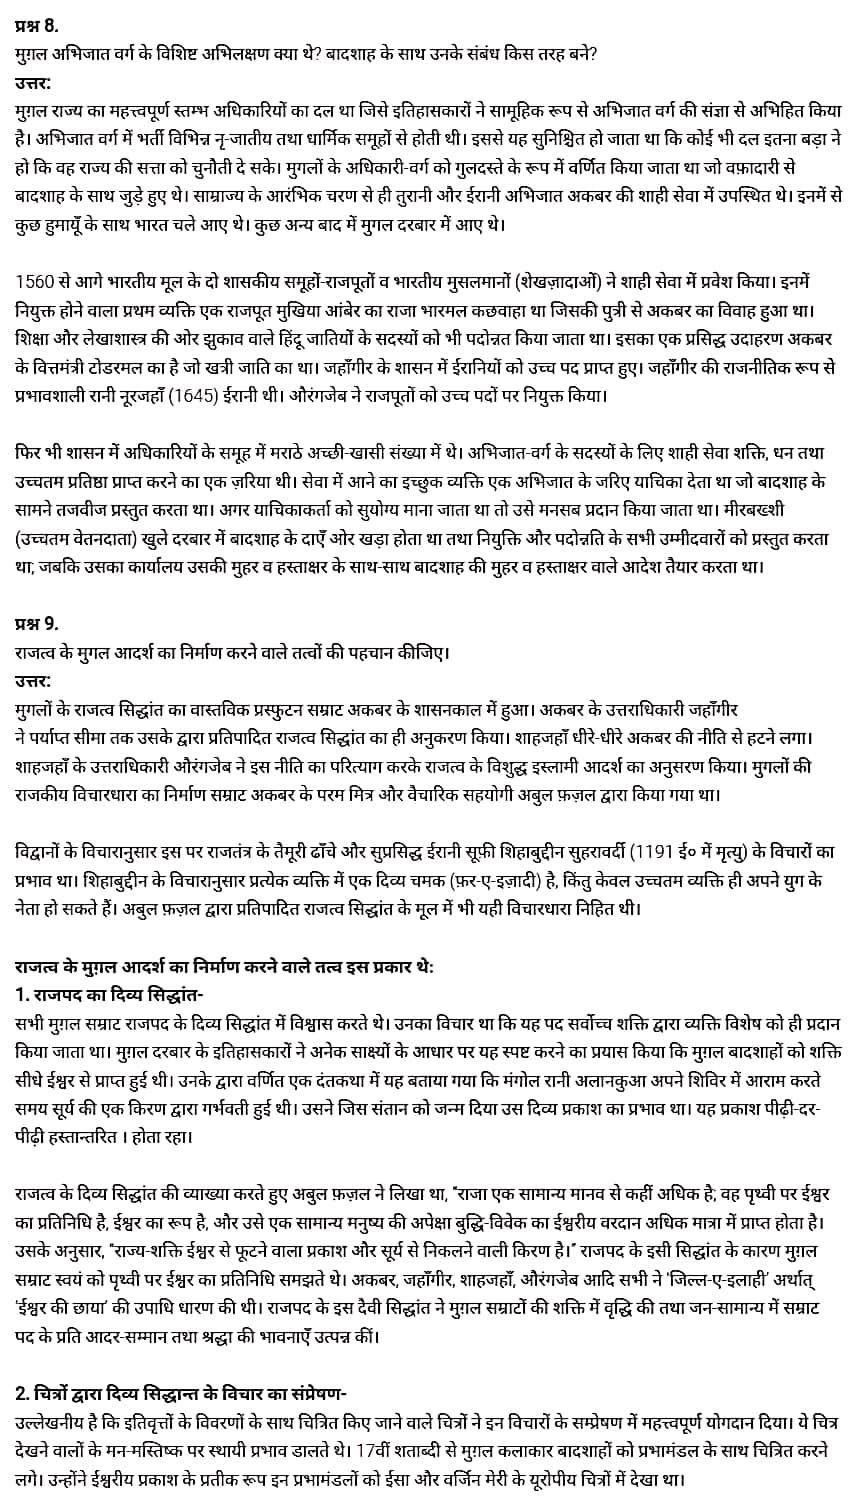 Class 12 History Chapter 9,  इतिहास कक्षा 12 नोट्स pdf,  इतिहास कक्षा 12 नोट्स 2021 NCERT,  इतिहास कक्षा 12 PDF,  इतिहास पुस्तक,  इतिहास की बुक,  इतिहास प्रश्नोत्तरी Class 12, 12 वीं इतिहास पुस्तक up board,  बिहार बोर्ड 12 वीं इतिहास नोट्स,   12th History book in hindi,12th History notes in hindi,cbse books for class 12,cbse books in hindi,cbse ncert books,class 12 History notes in hindi,class 12 hindi ncert solutions,History 2020,History 2021,History 2022,History book class 12,History book in hindi,History class 12 in hindi,History notes for class 12 up board in hindi,ncert all books,ncert app in hindi,ncert book solution,ncert books class 10,ncert books class 12,ncert books for class 7,ncert books for upsc in hindi,ncert books in hindi class 10,ncert books in hindi for class 12 History,ncert books in hindi for class 6,ncert books in hindi pdf,ncert class 12 hindi book,ncert english book,ncert History book in hindi,ncert History books in hindi pdf,ncert History class 12,ncert in hindi,old ncert books in hindi,online ncert books in hindi,up board 12th,up board 12th syllabus,up board class 10 hindi book,up board class 12 books,up board class 12 new syllabus,up Board Maths 2020,up Board Maths 2021,up Board Maths 2022,up Board Maths 2023,up board intermediate History syllabus,up board intermediate syllabus 2021,Up board Master 2021,up board model paper 2021,up board model paper all subject,up board new syllabus of class 12th History,up board paper 2021,Up board syllabus 2021,UP board syllabus 2022,  12 वीं इतिहास पुस्तक हिंदी में, 12 वीं इतिहास नोट्स हिंदी में, कक्षा 12 के लिए सीबीएससी पुस्तकें, हिंदी में सीबीएससी पुस्तकें, सीबीएससी  पुस्तकें, कक्षा 12 इतिहास नोट्स हिंदी में, कक्षा 12 हिंदी एनसीईआरटी समाधान, इतिहास 2020, इतिहास 2021, इतिहास 2022, इतिहास  बुक क्लास 12, इतिहास बुक इन हिंदी, इतिहास क्लास 12 हिंदी में, इतिहास नोट्स इन क्लास 12 यूपी  बोर्ड इन हिंदी, एनसीईआरटी इतिहास की किताब हिंदी में,  बोर्ड 12 वीं तक, 12 वीं तक की पाठ्यक्रम, बोर्ड कक्षा 10 की हिंदी पुस्तक